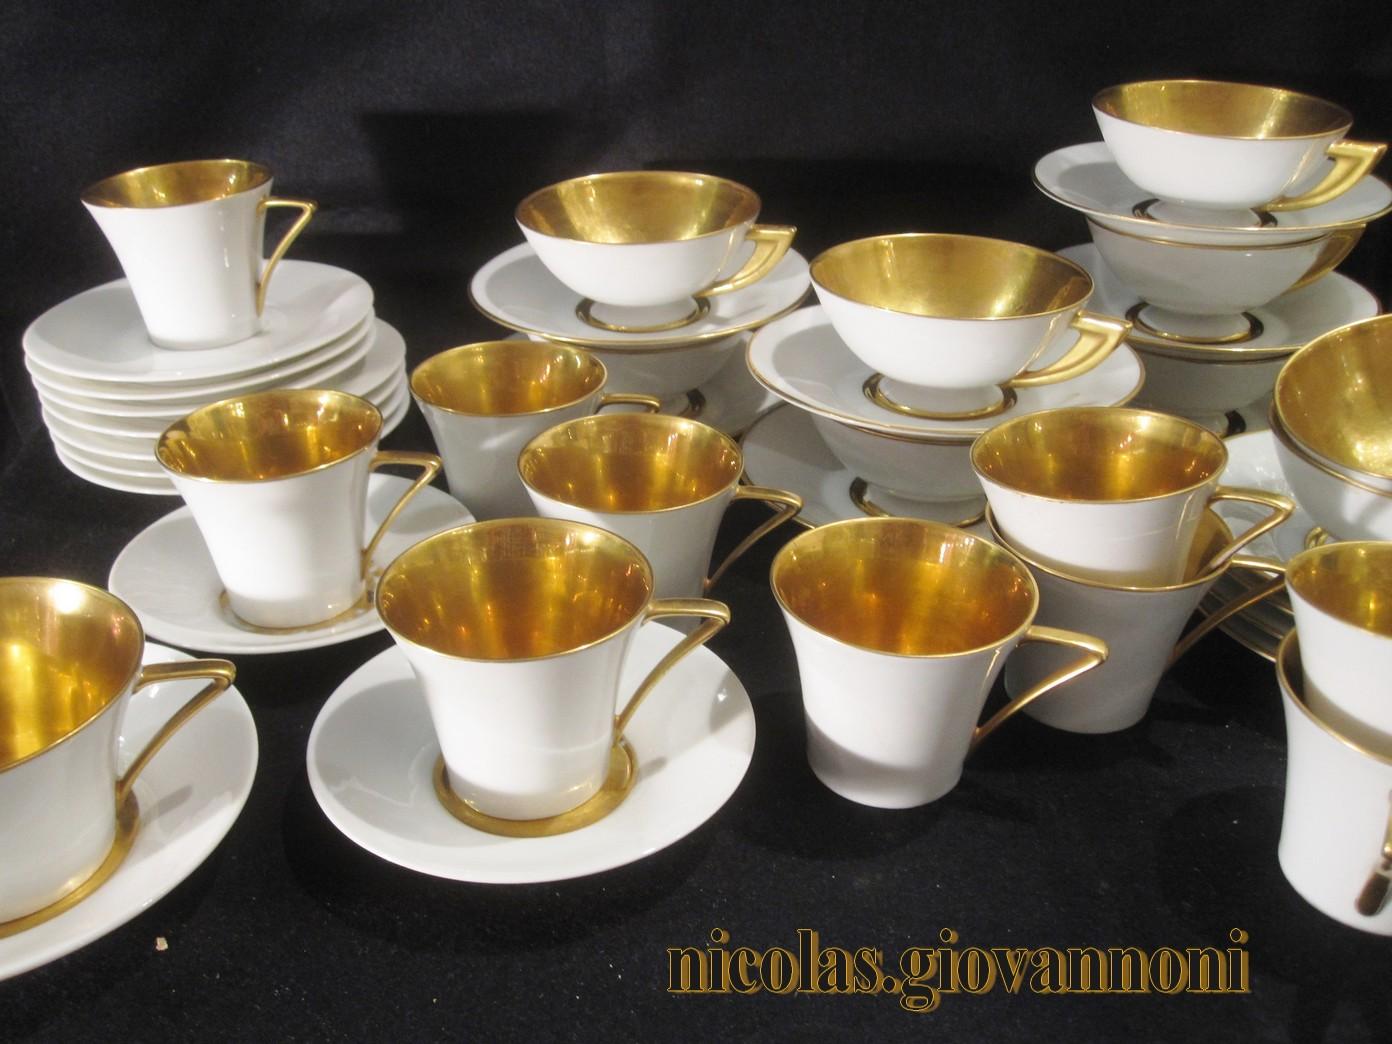 tasses 1930 int rieur or legrand limoges porcelaine catalogue cristal de france. Black Bedroom Furniture Sets. Home Design Ideas